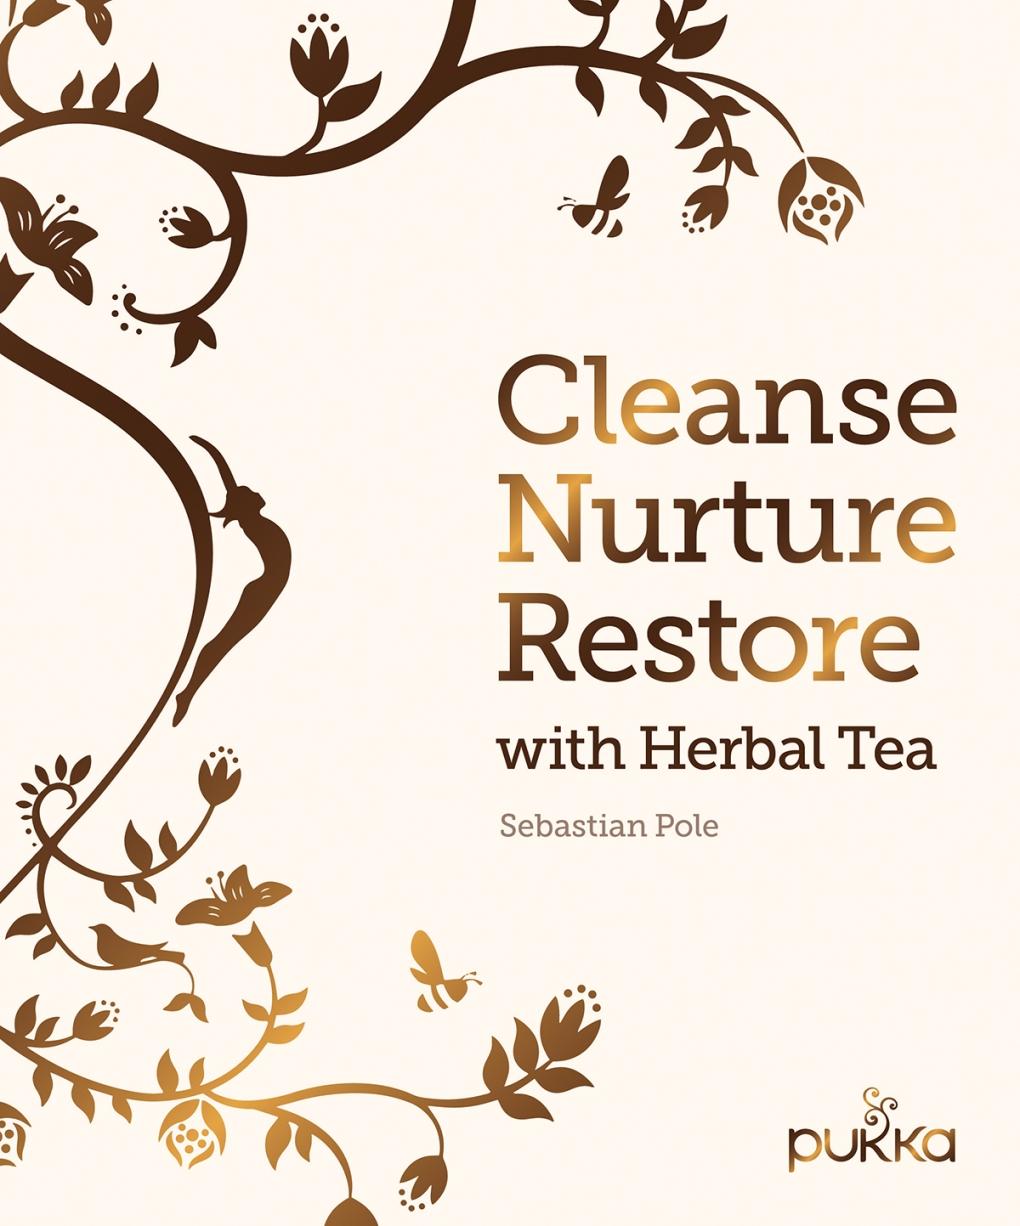 cleanse_nurture_restore